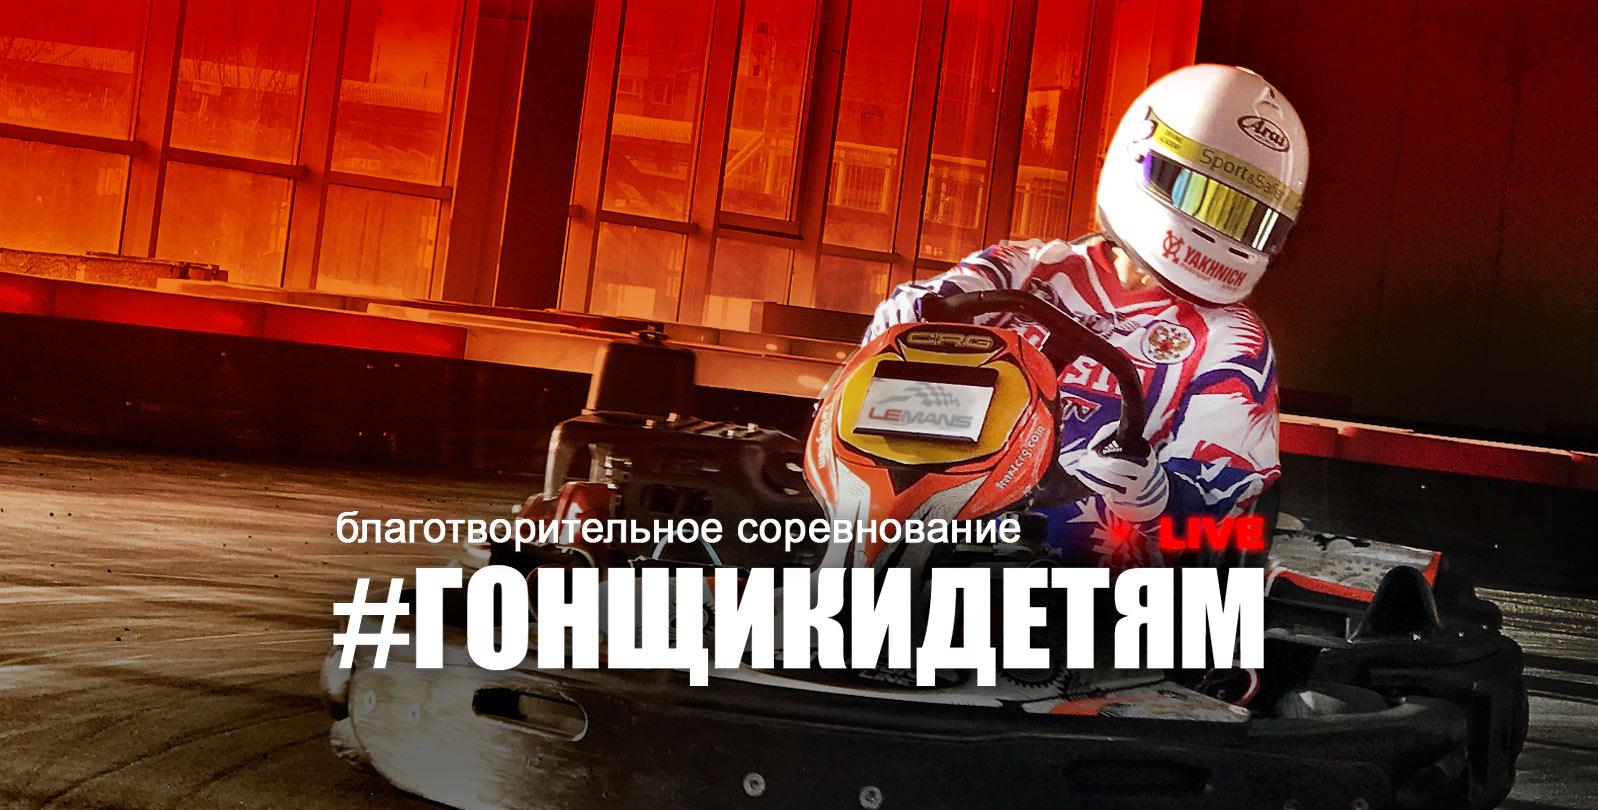 #гонщикидетям в прямом эфире!